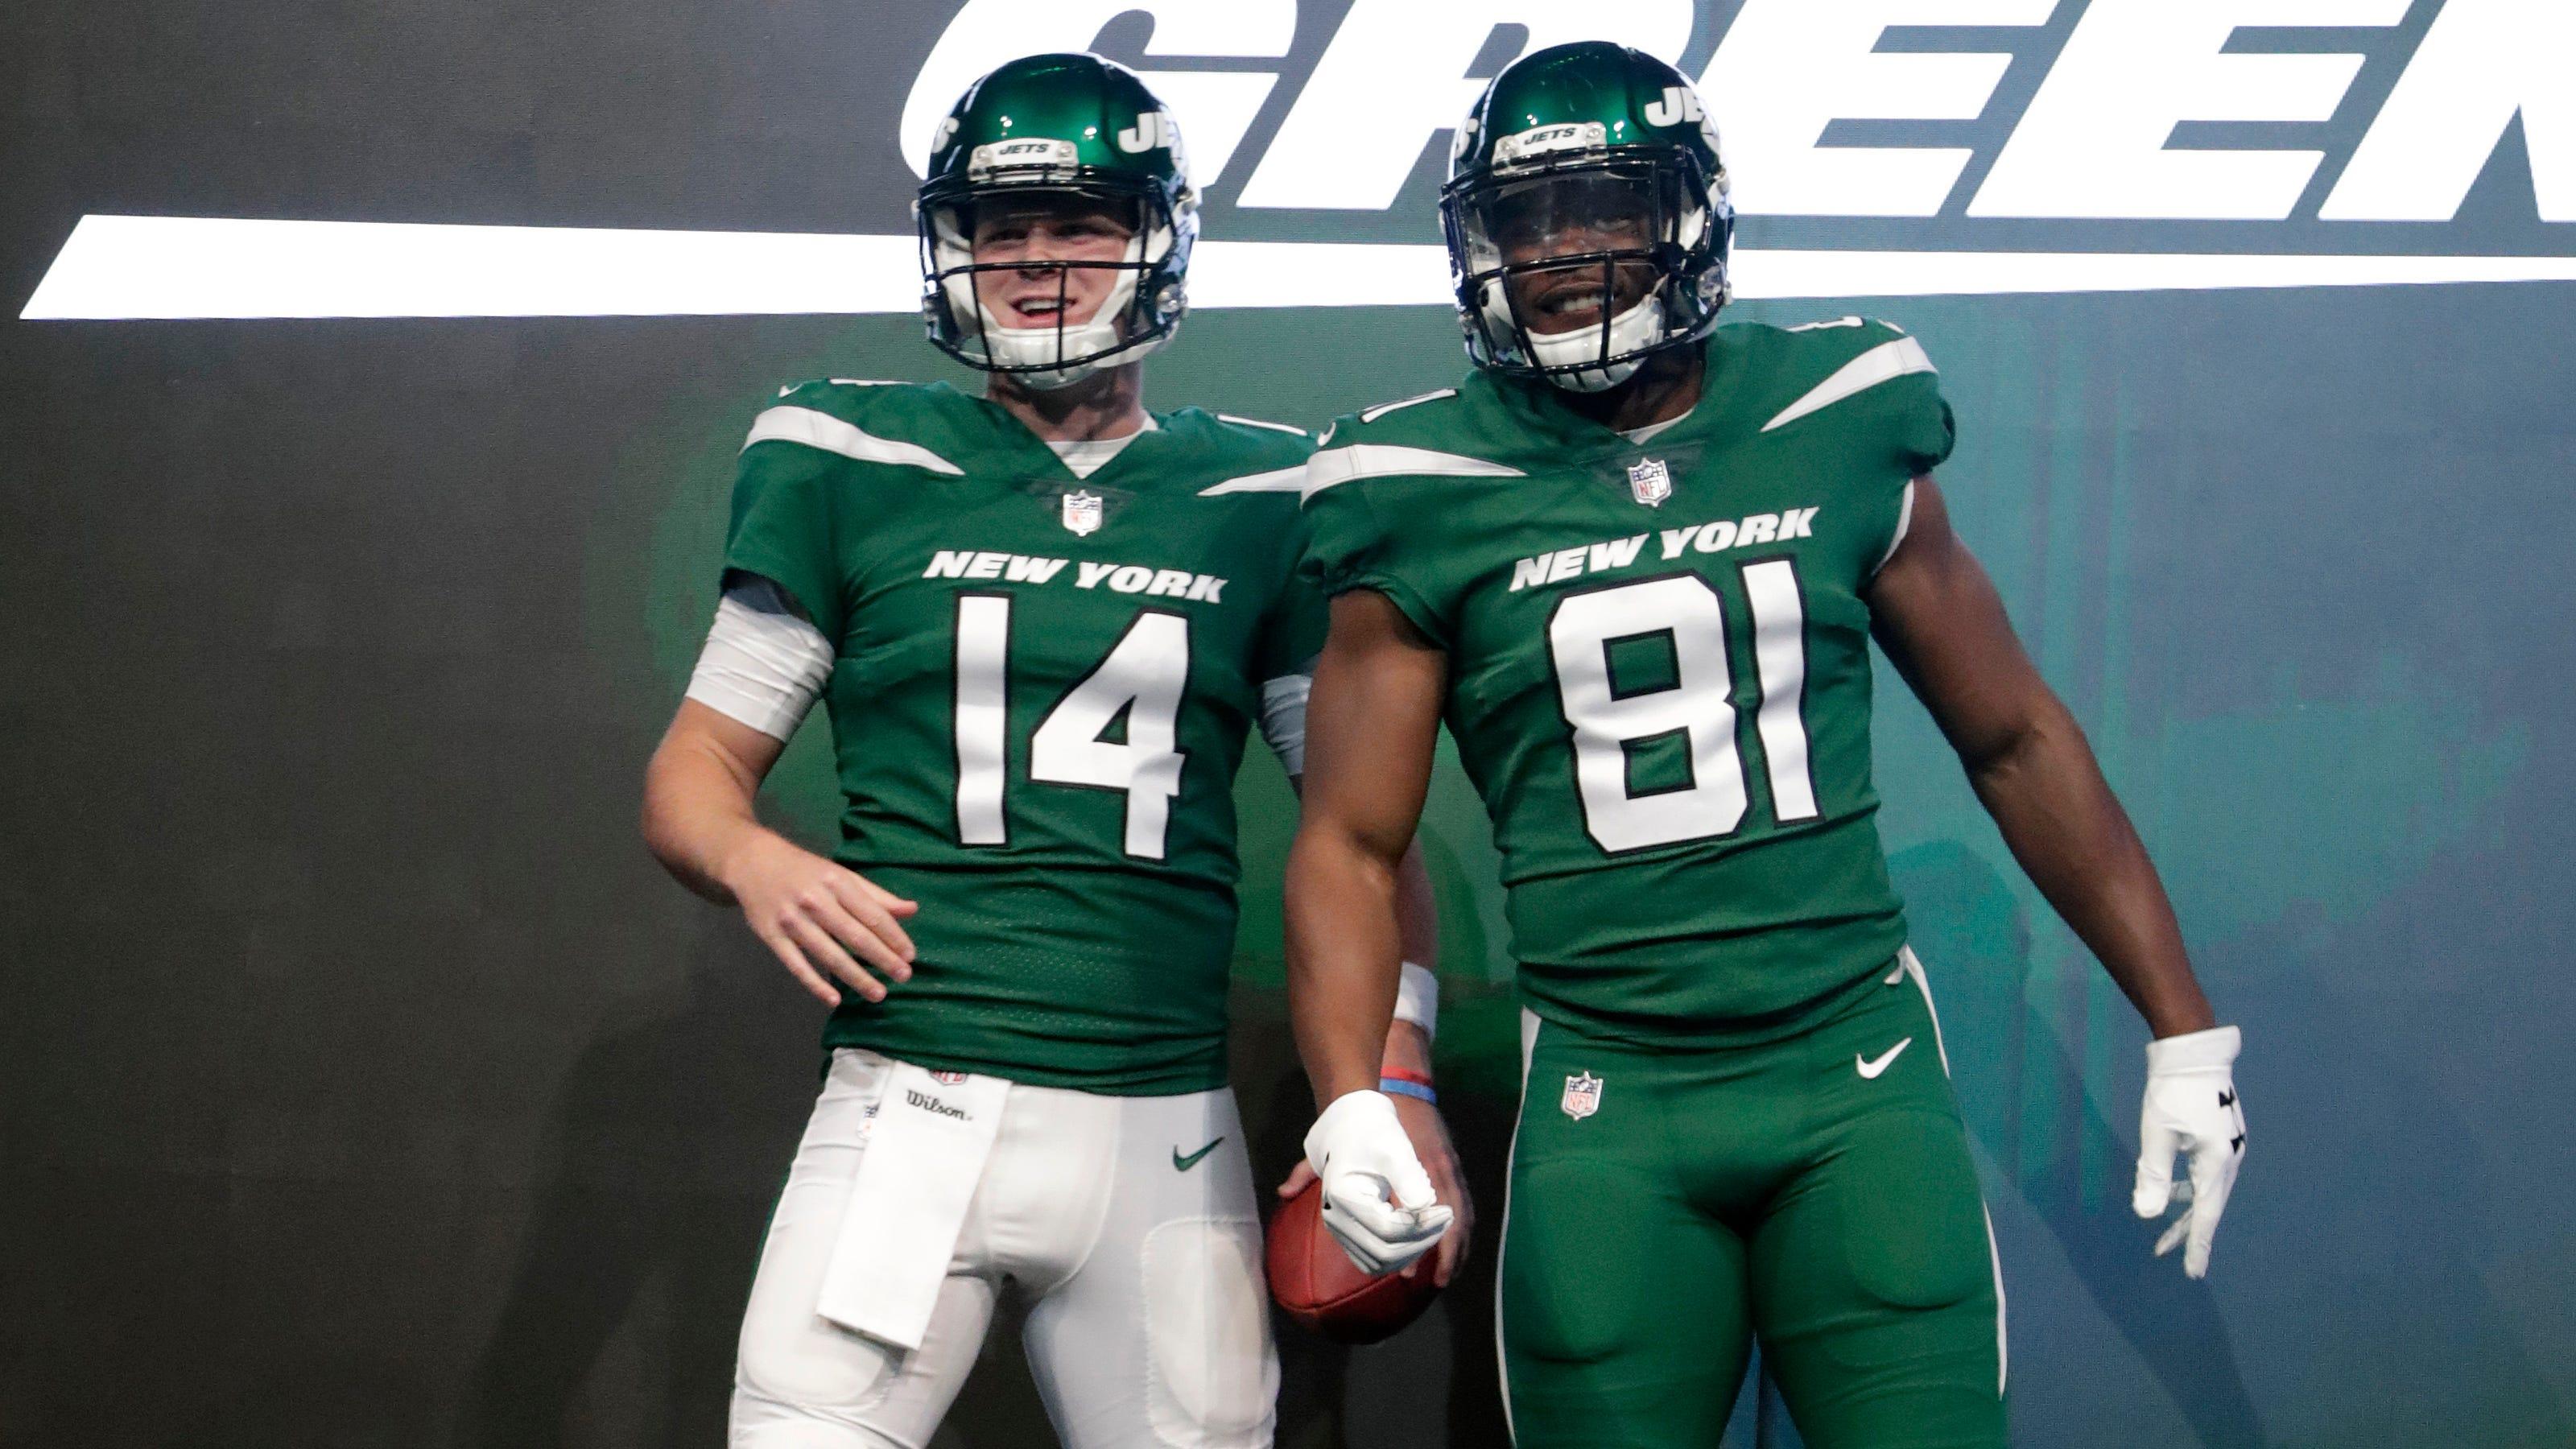 Jets Uniforms Photos Team Unveils New Look Jerseys Helmets Pants